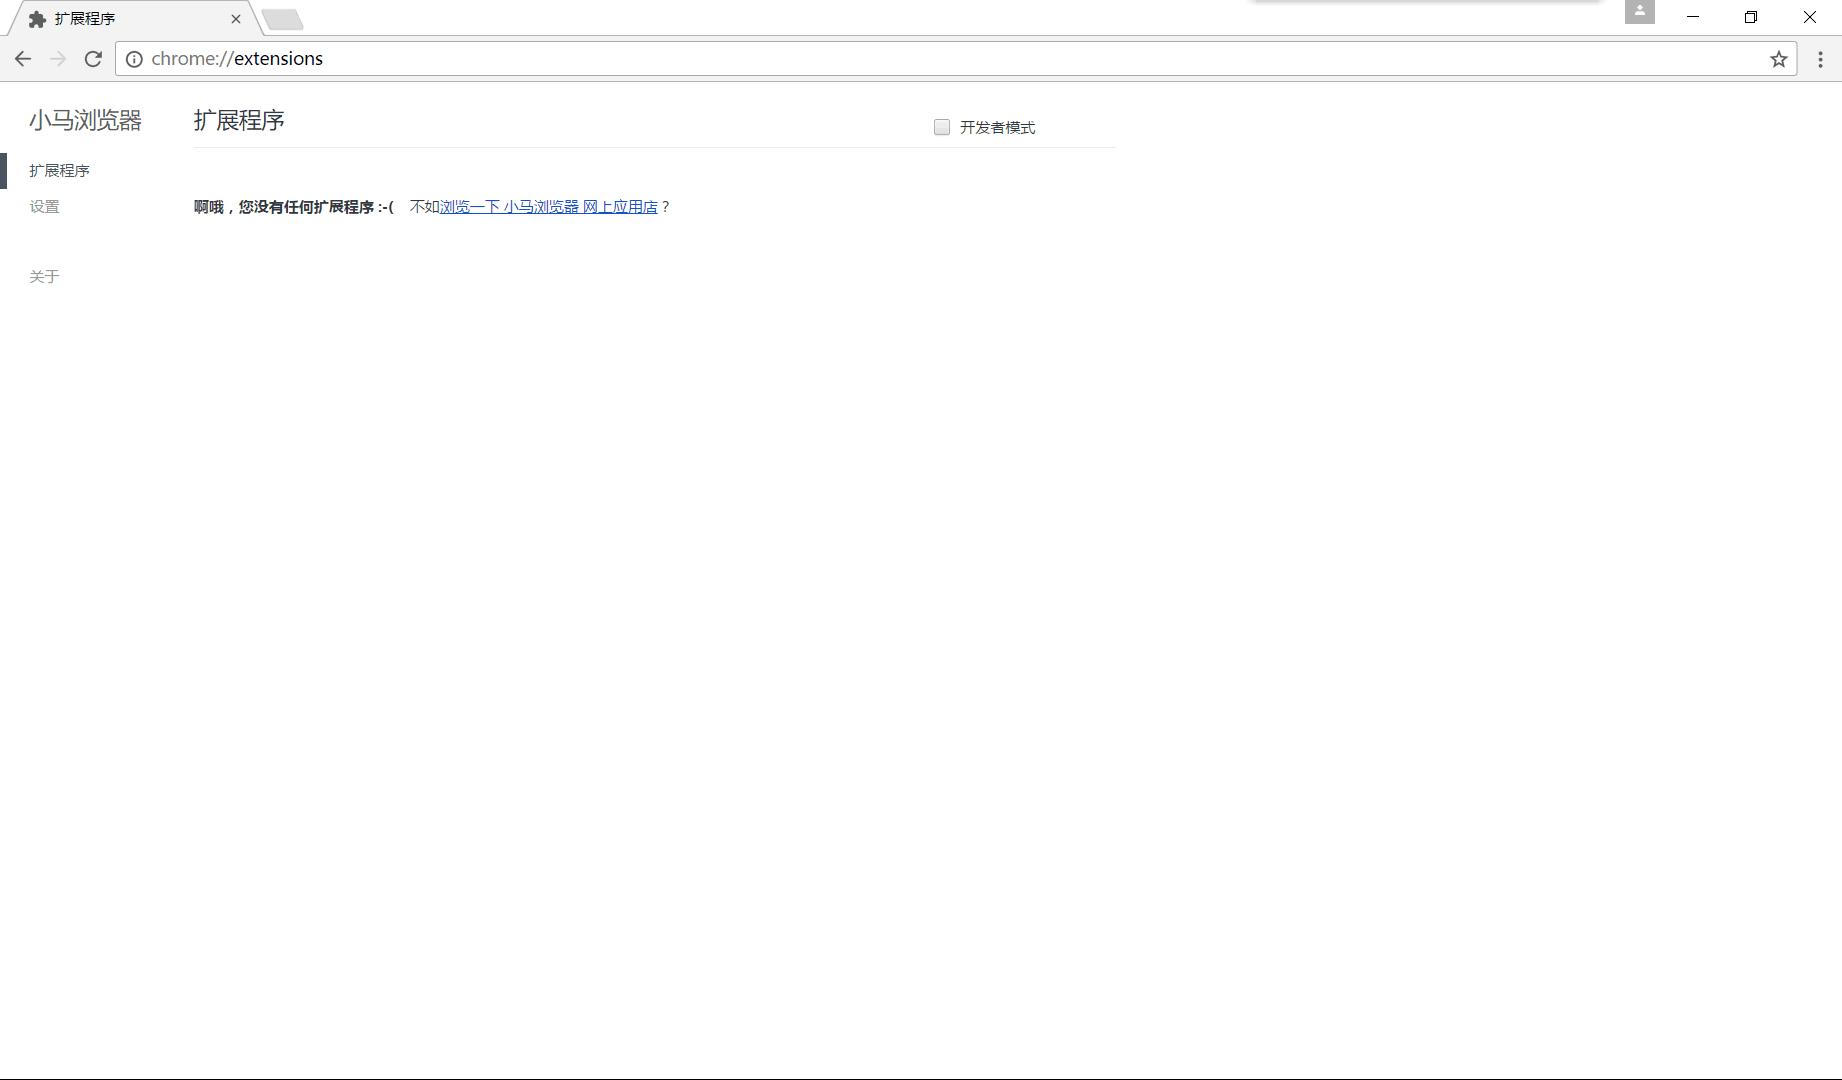 小马浏览器官方激活版V55.0.2883.87 电脑版